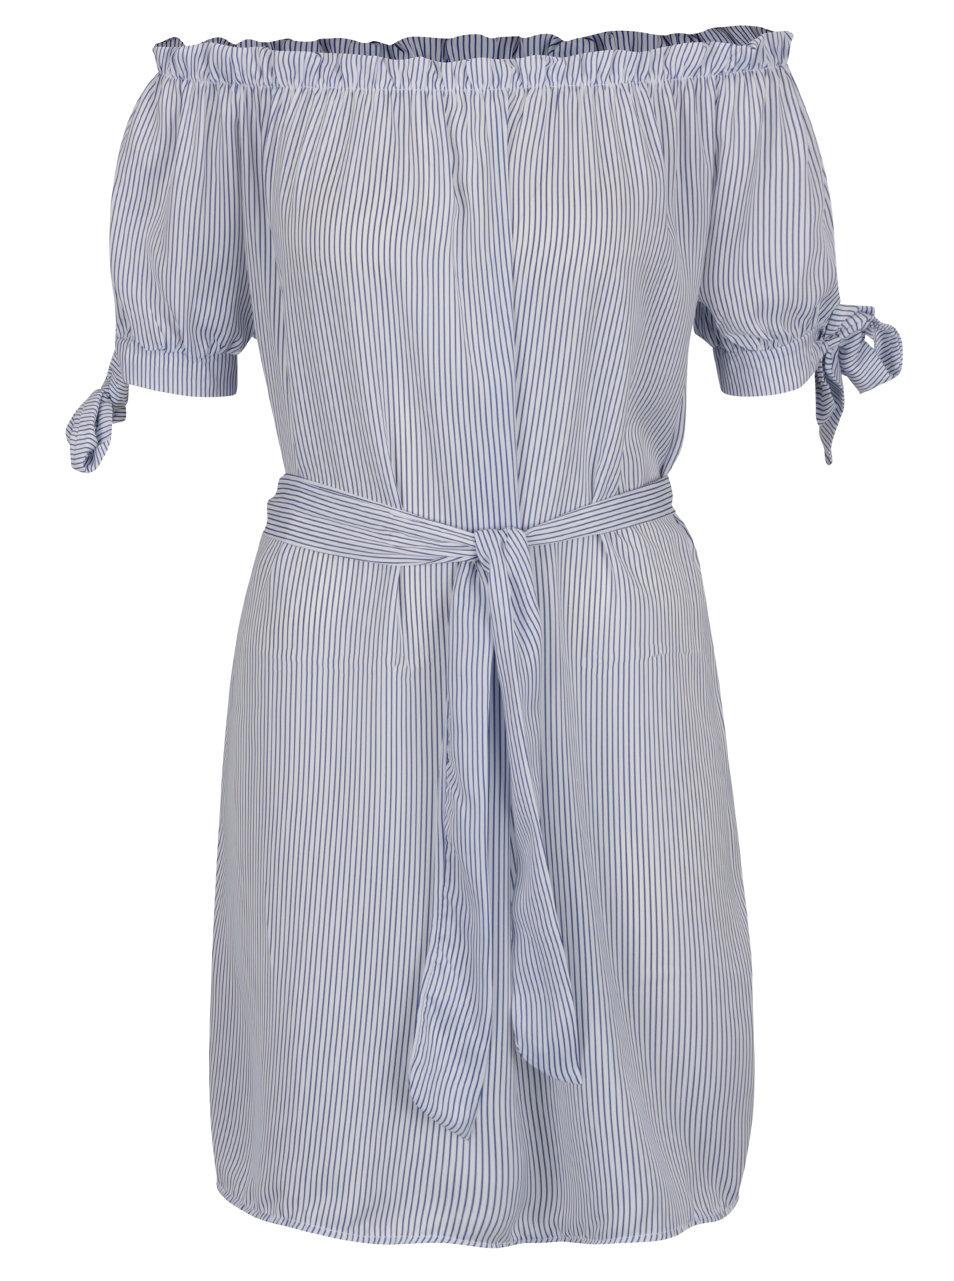 Modro-biele pruhované šaty Haily s Sabrina ... 5f9a2805b71